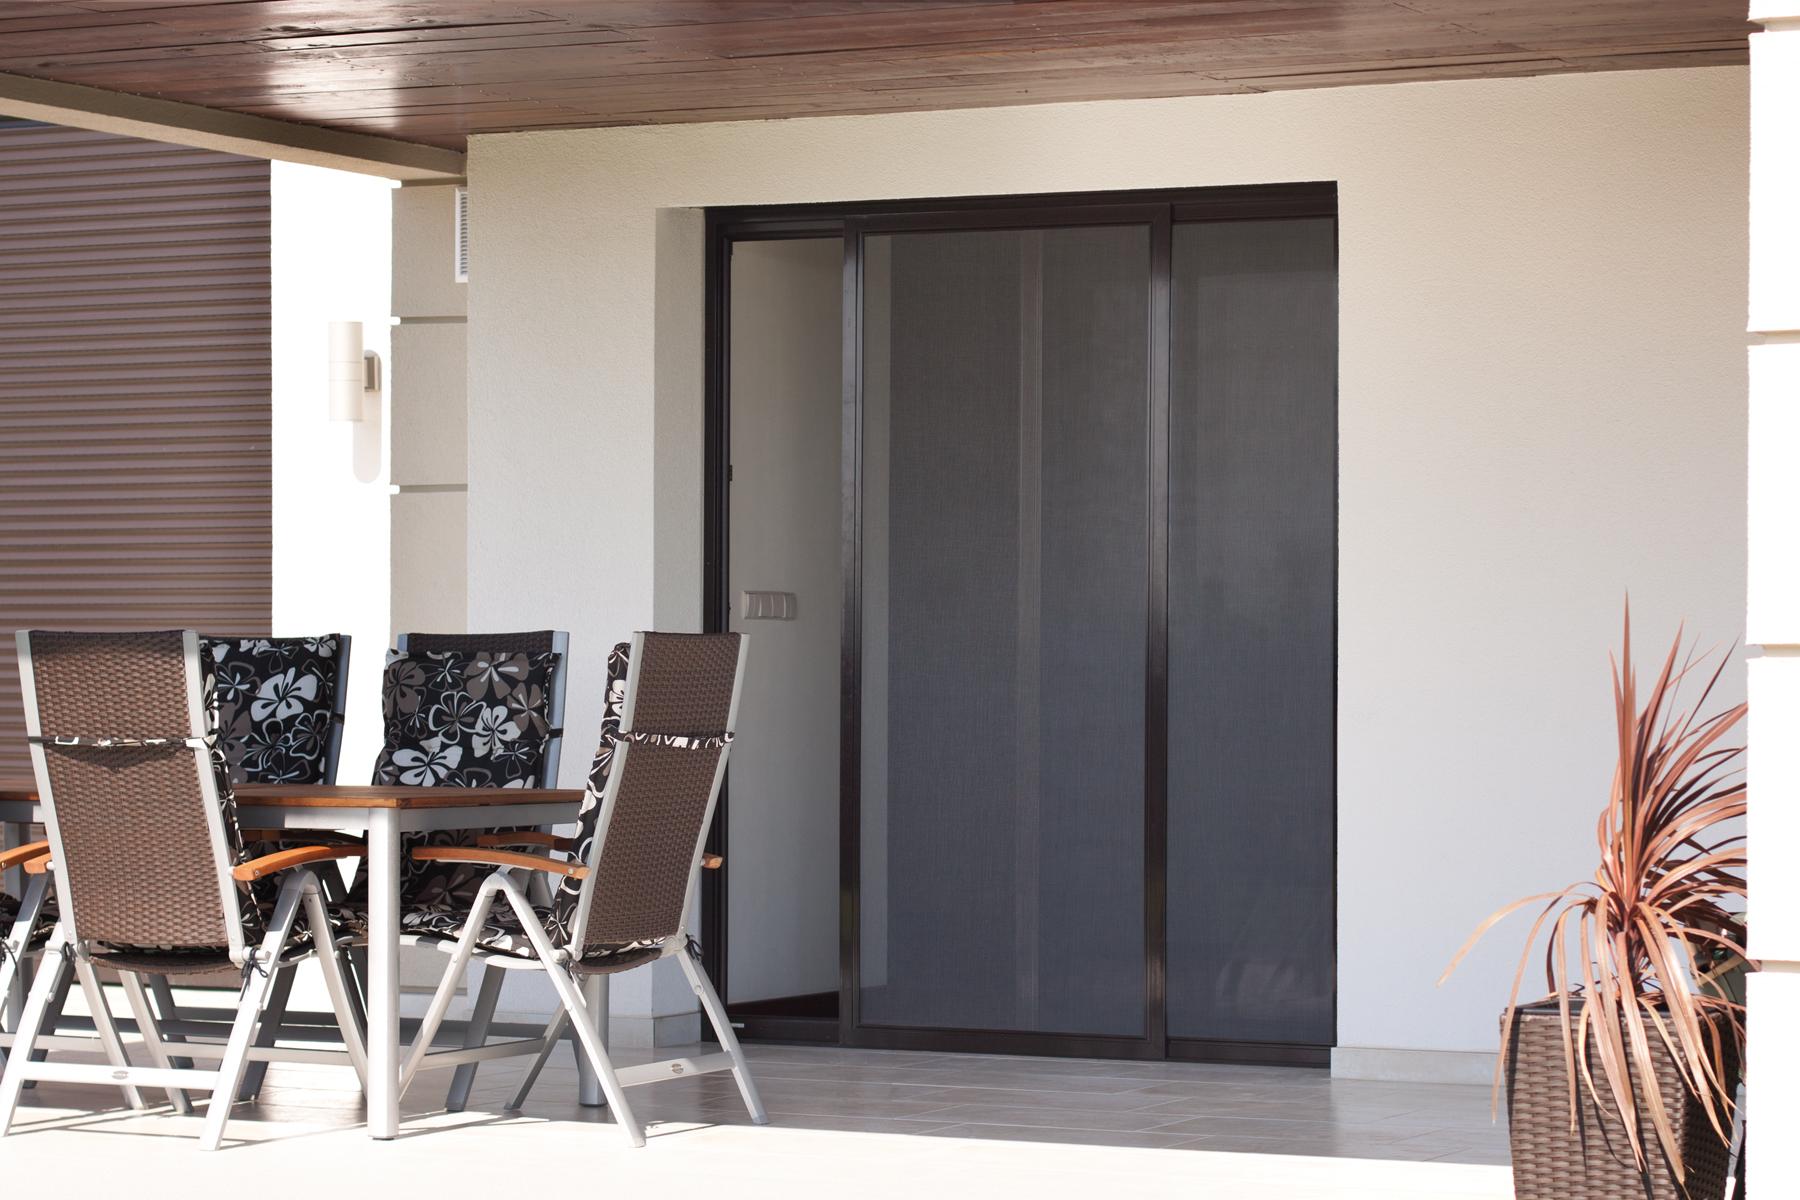 insektenschutz schiebet r 2 fl gel m s bauelemente. Black Bedroom Furniture Sets. Home Design Ideas